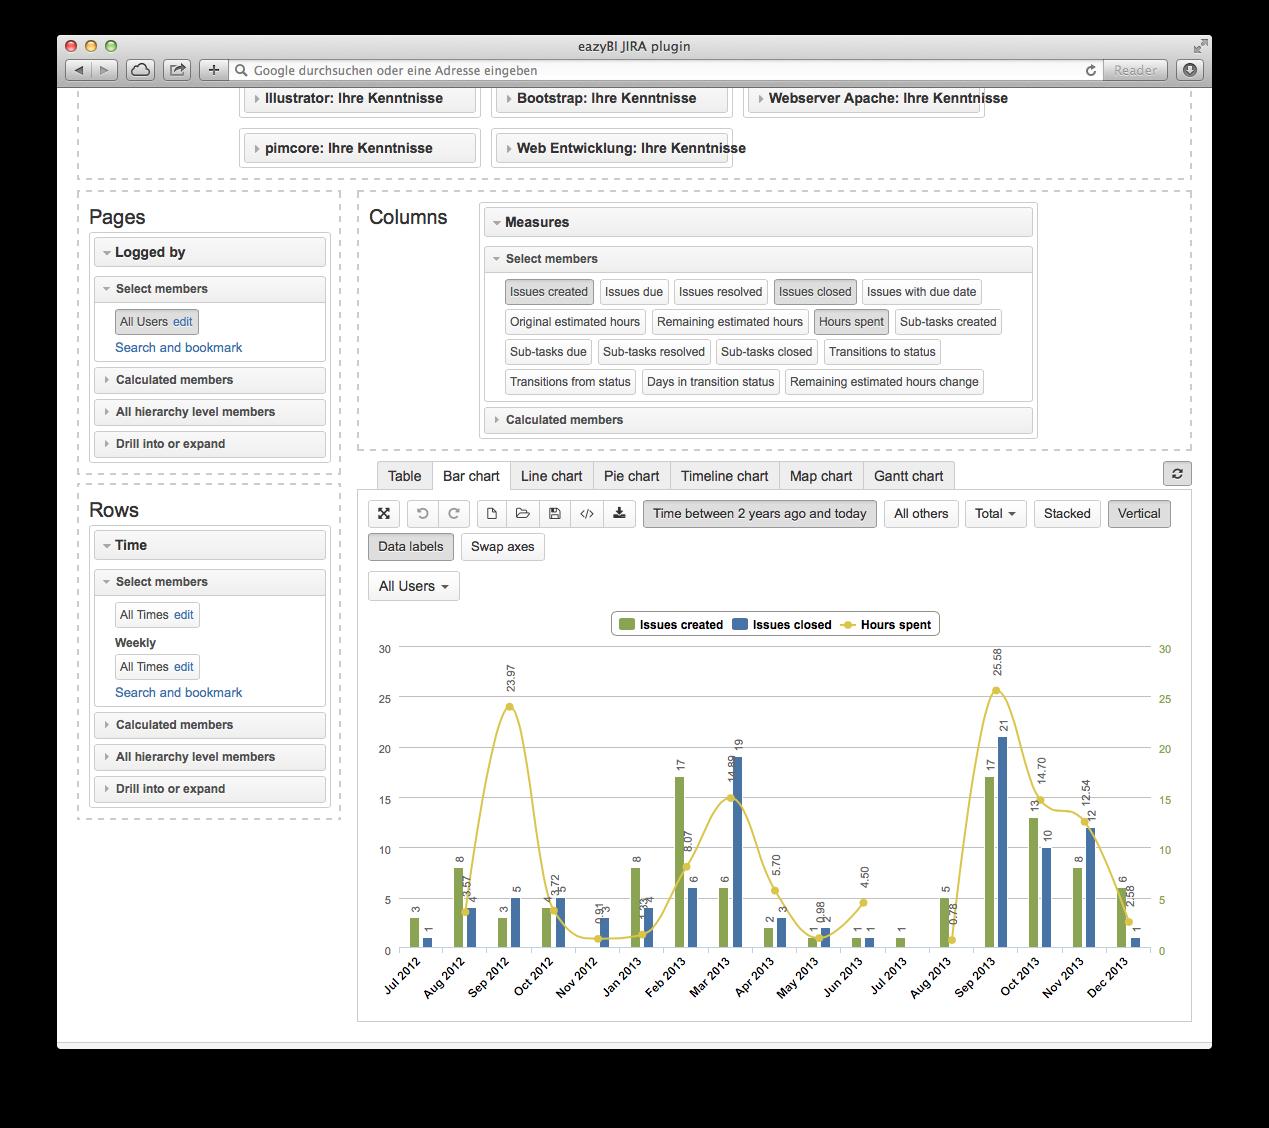 Business Intelligence mit jIRA: eazyBI-Daten einfach anzapfen und visualisieren